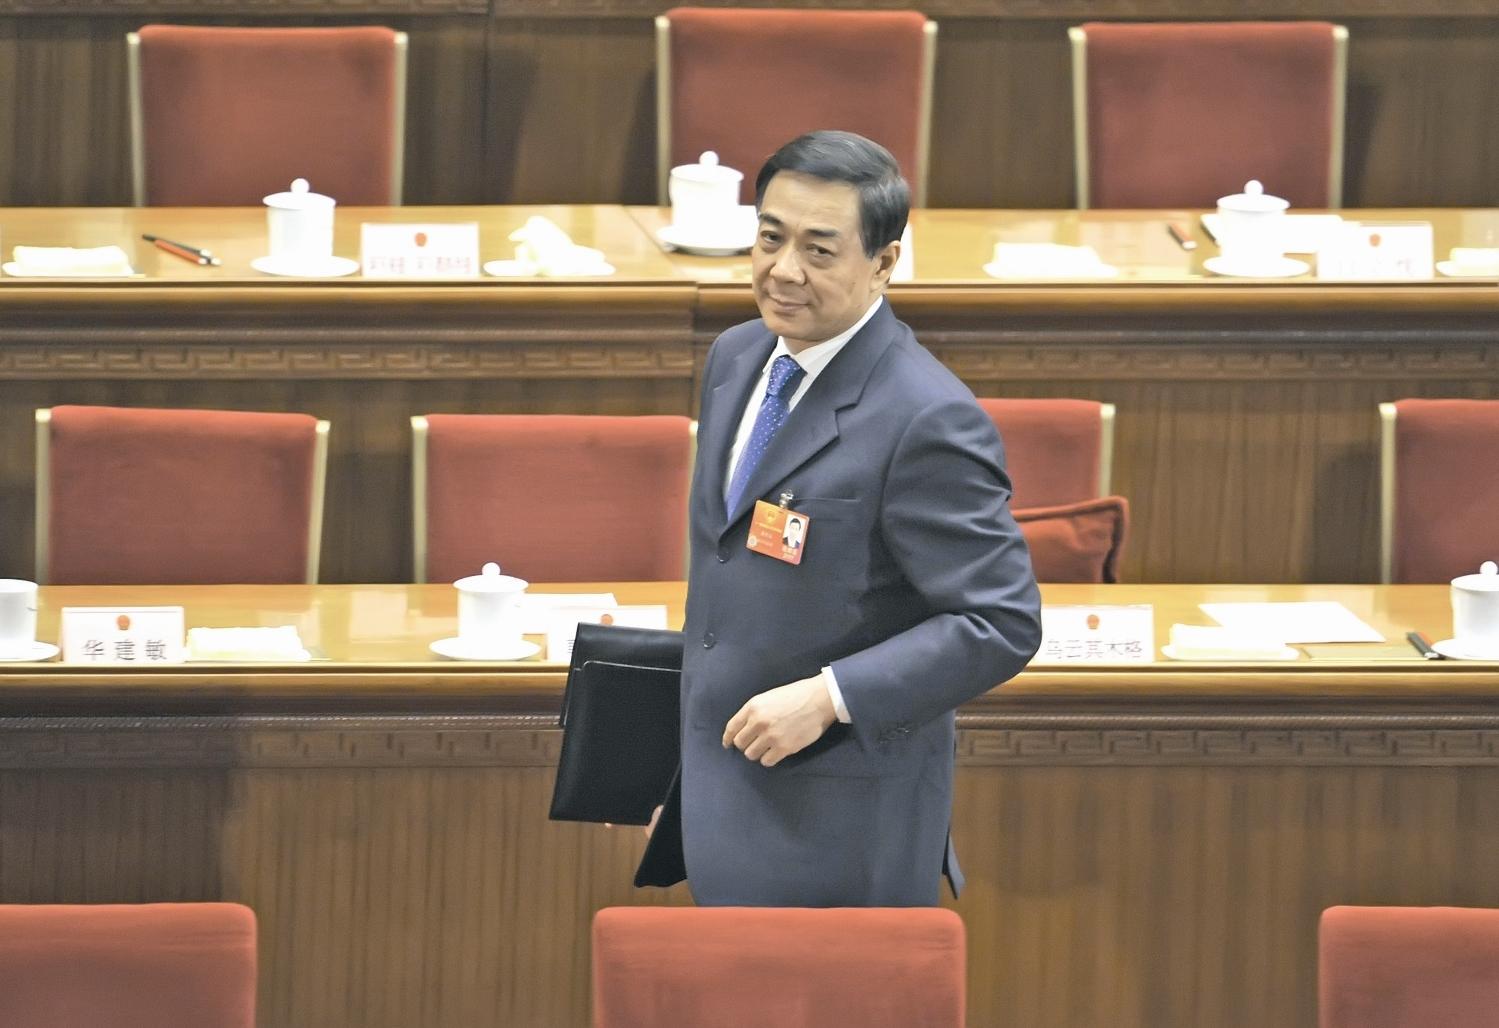 بوشیلای از رهبران ارشد حزب کمونیست که  به خاطر فساد برکنار شد.